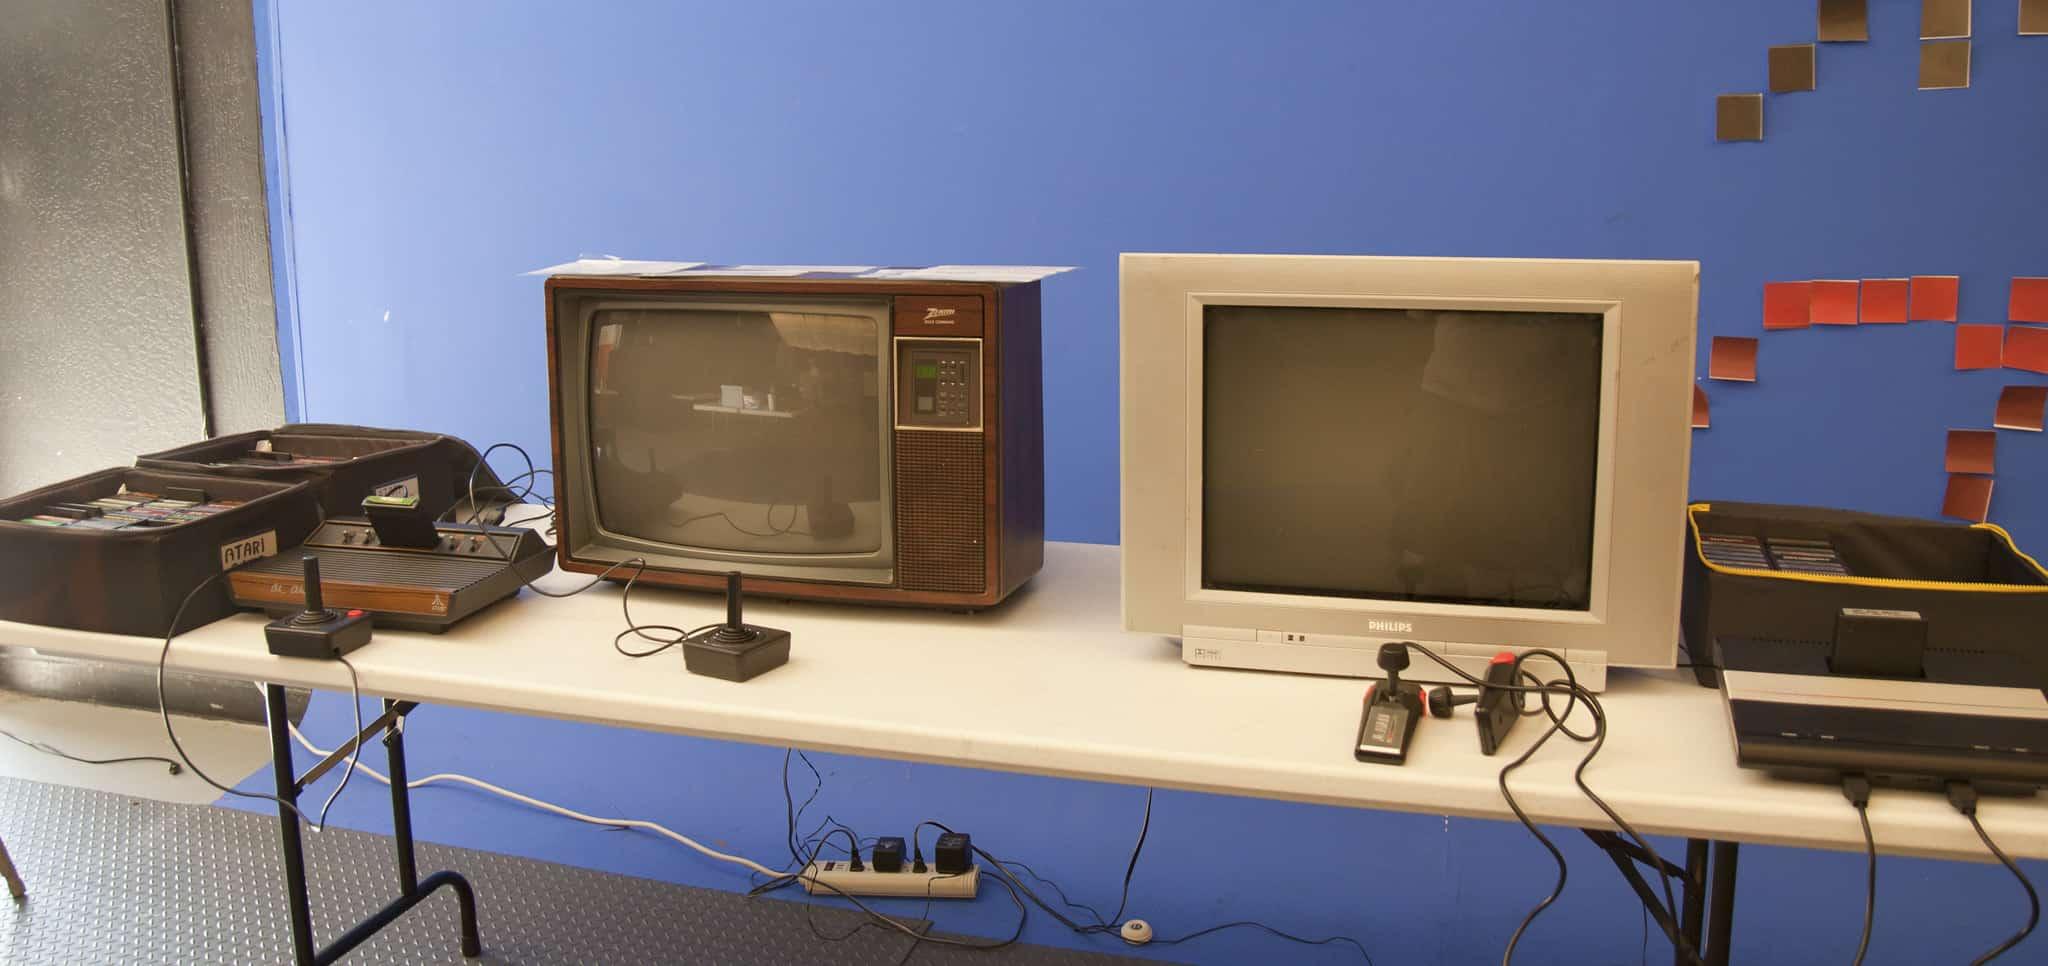 6 تقنيات شكلت طفولتنا التكنولوجية